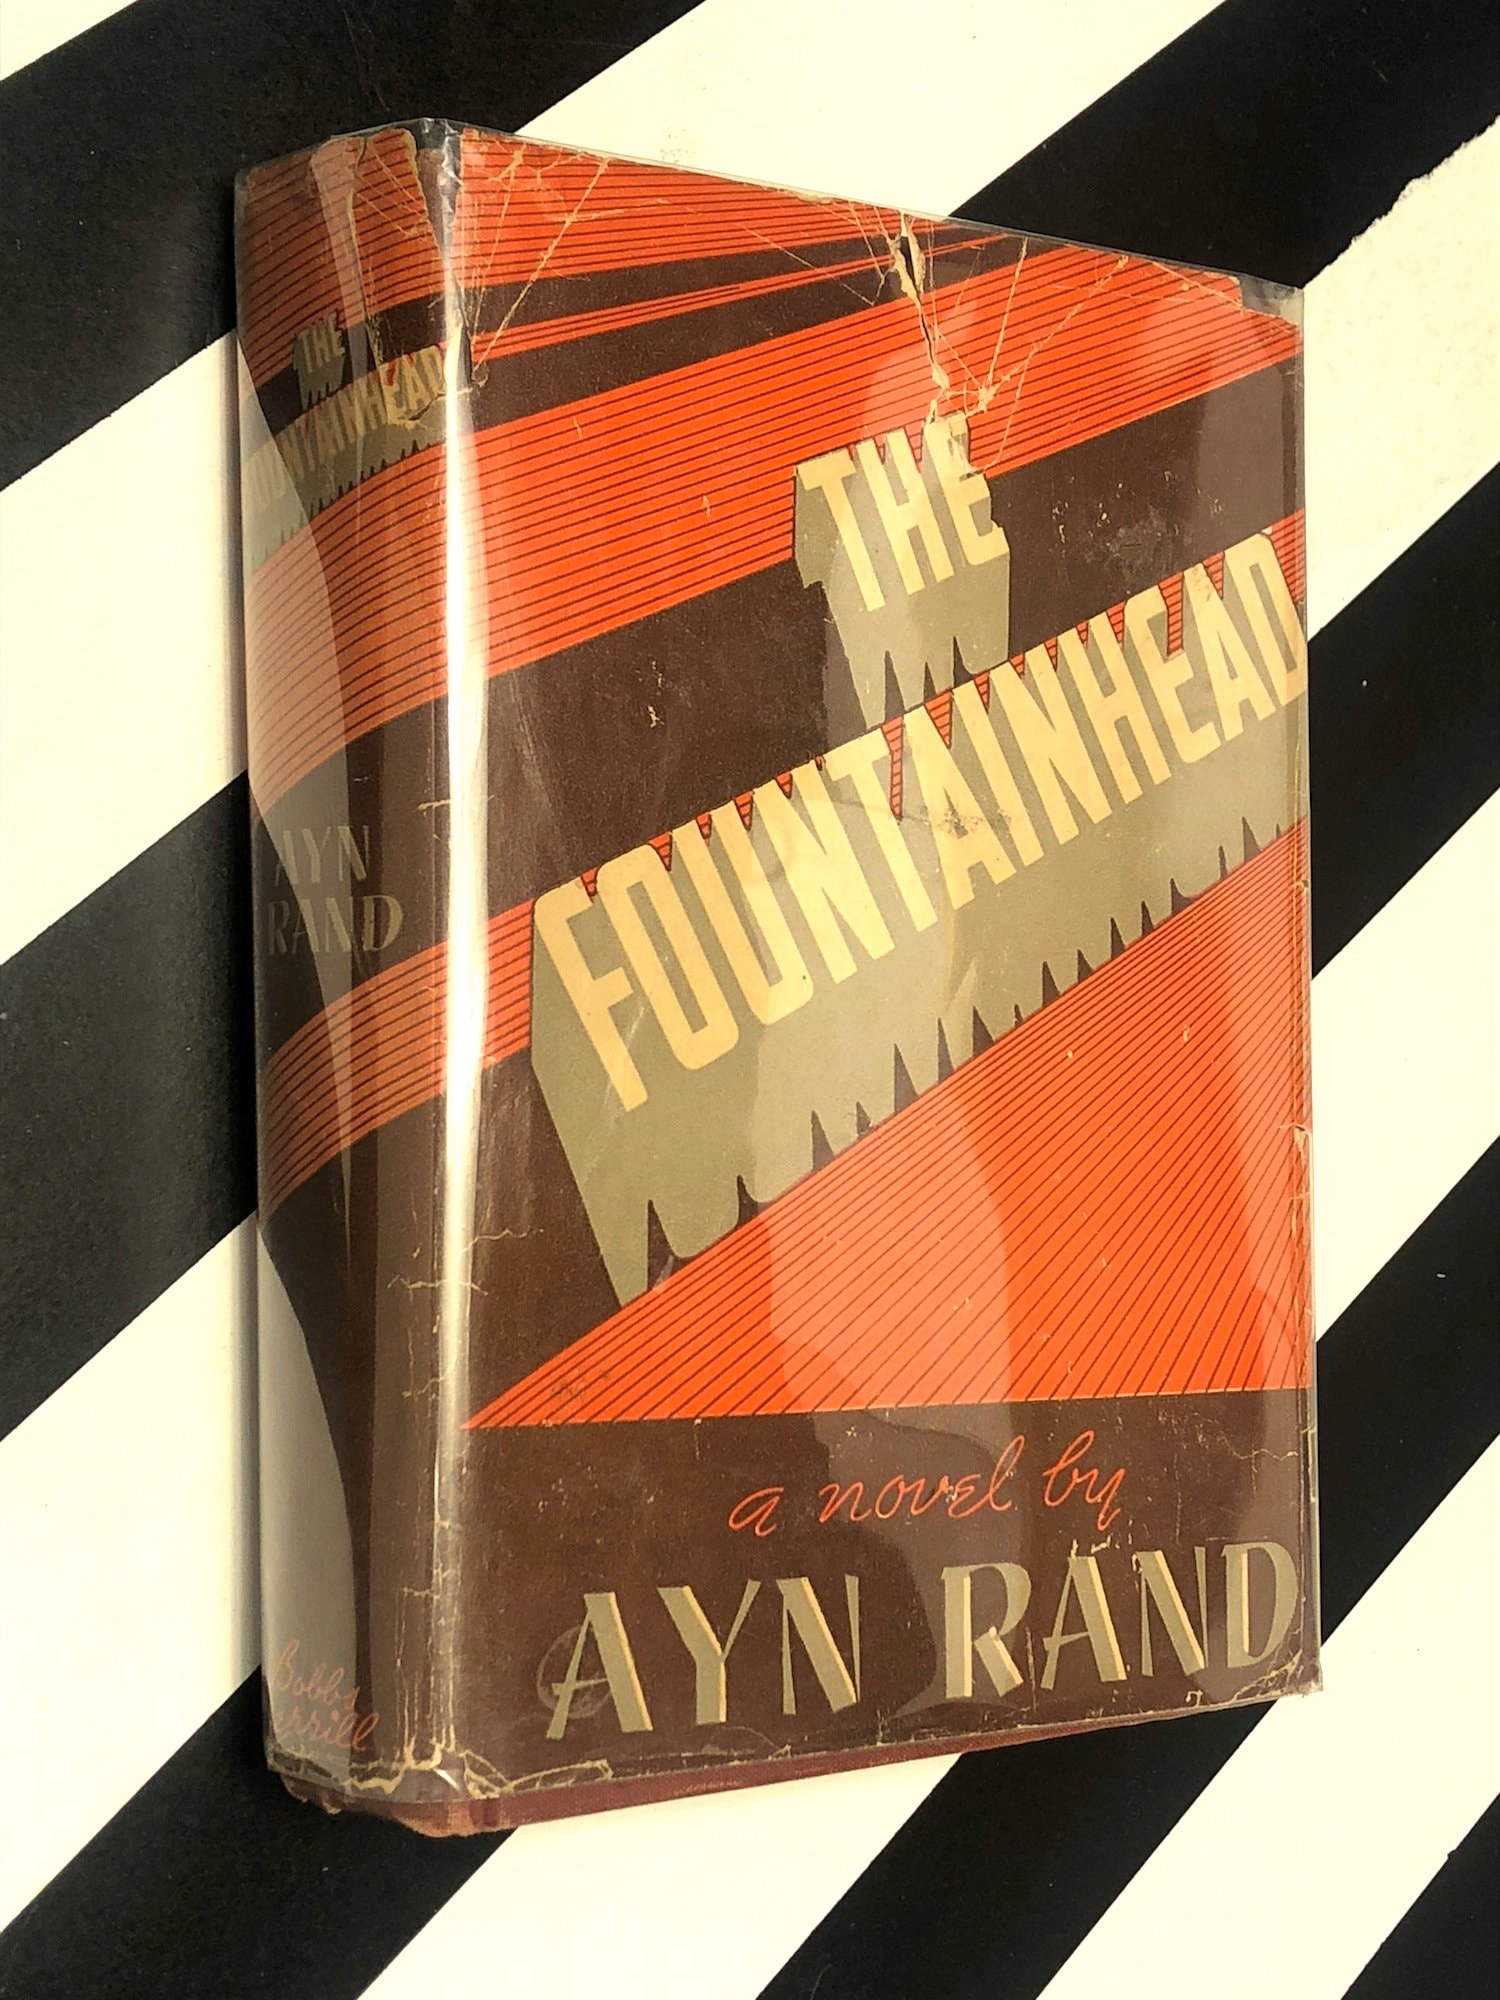 Ayn Rand The Fountainhead